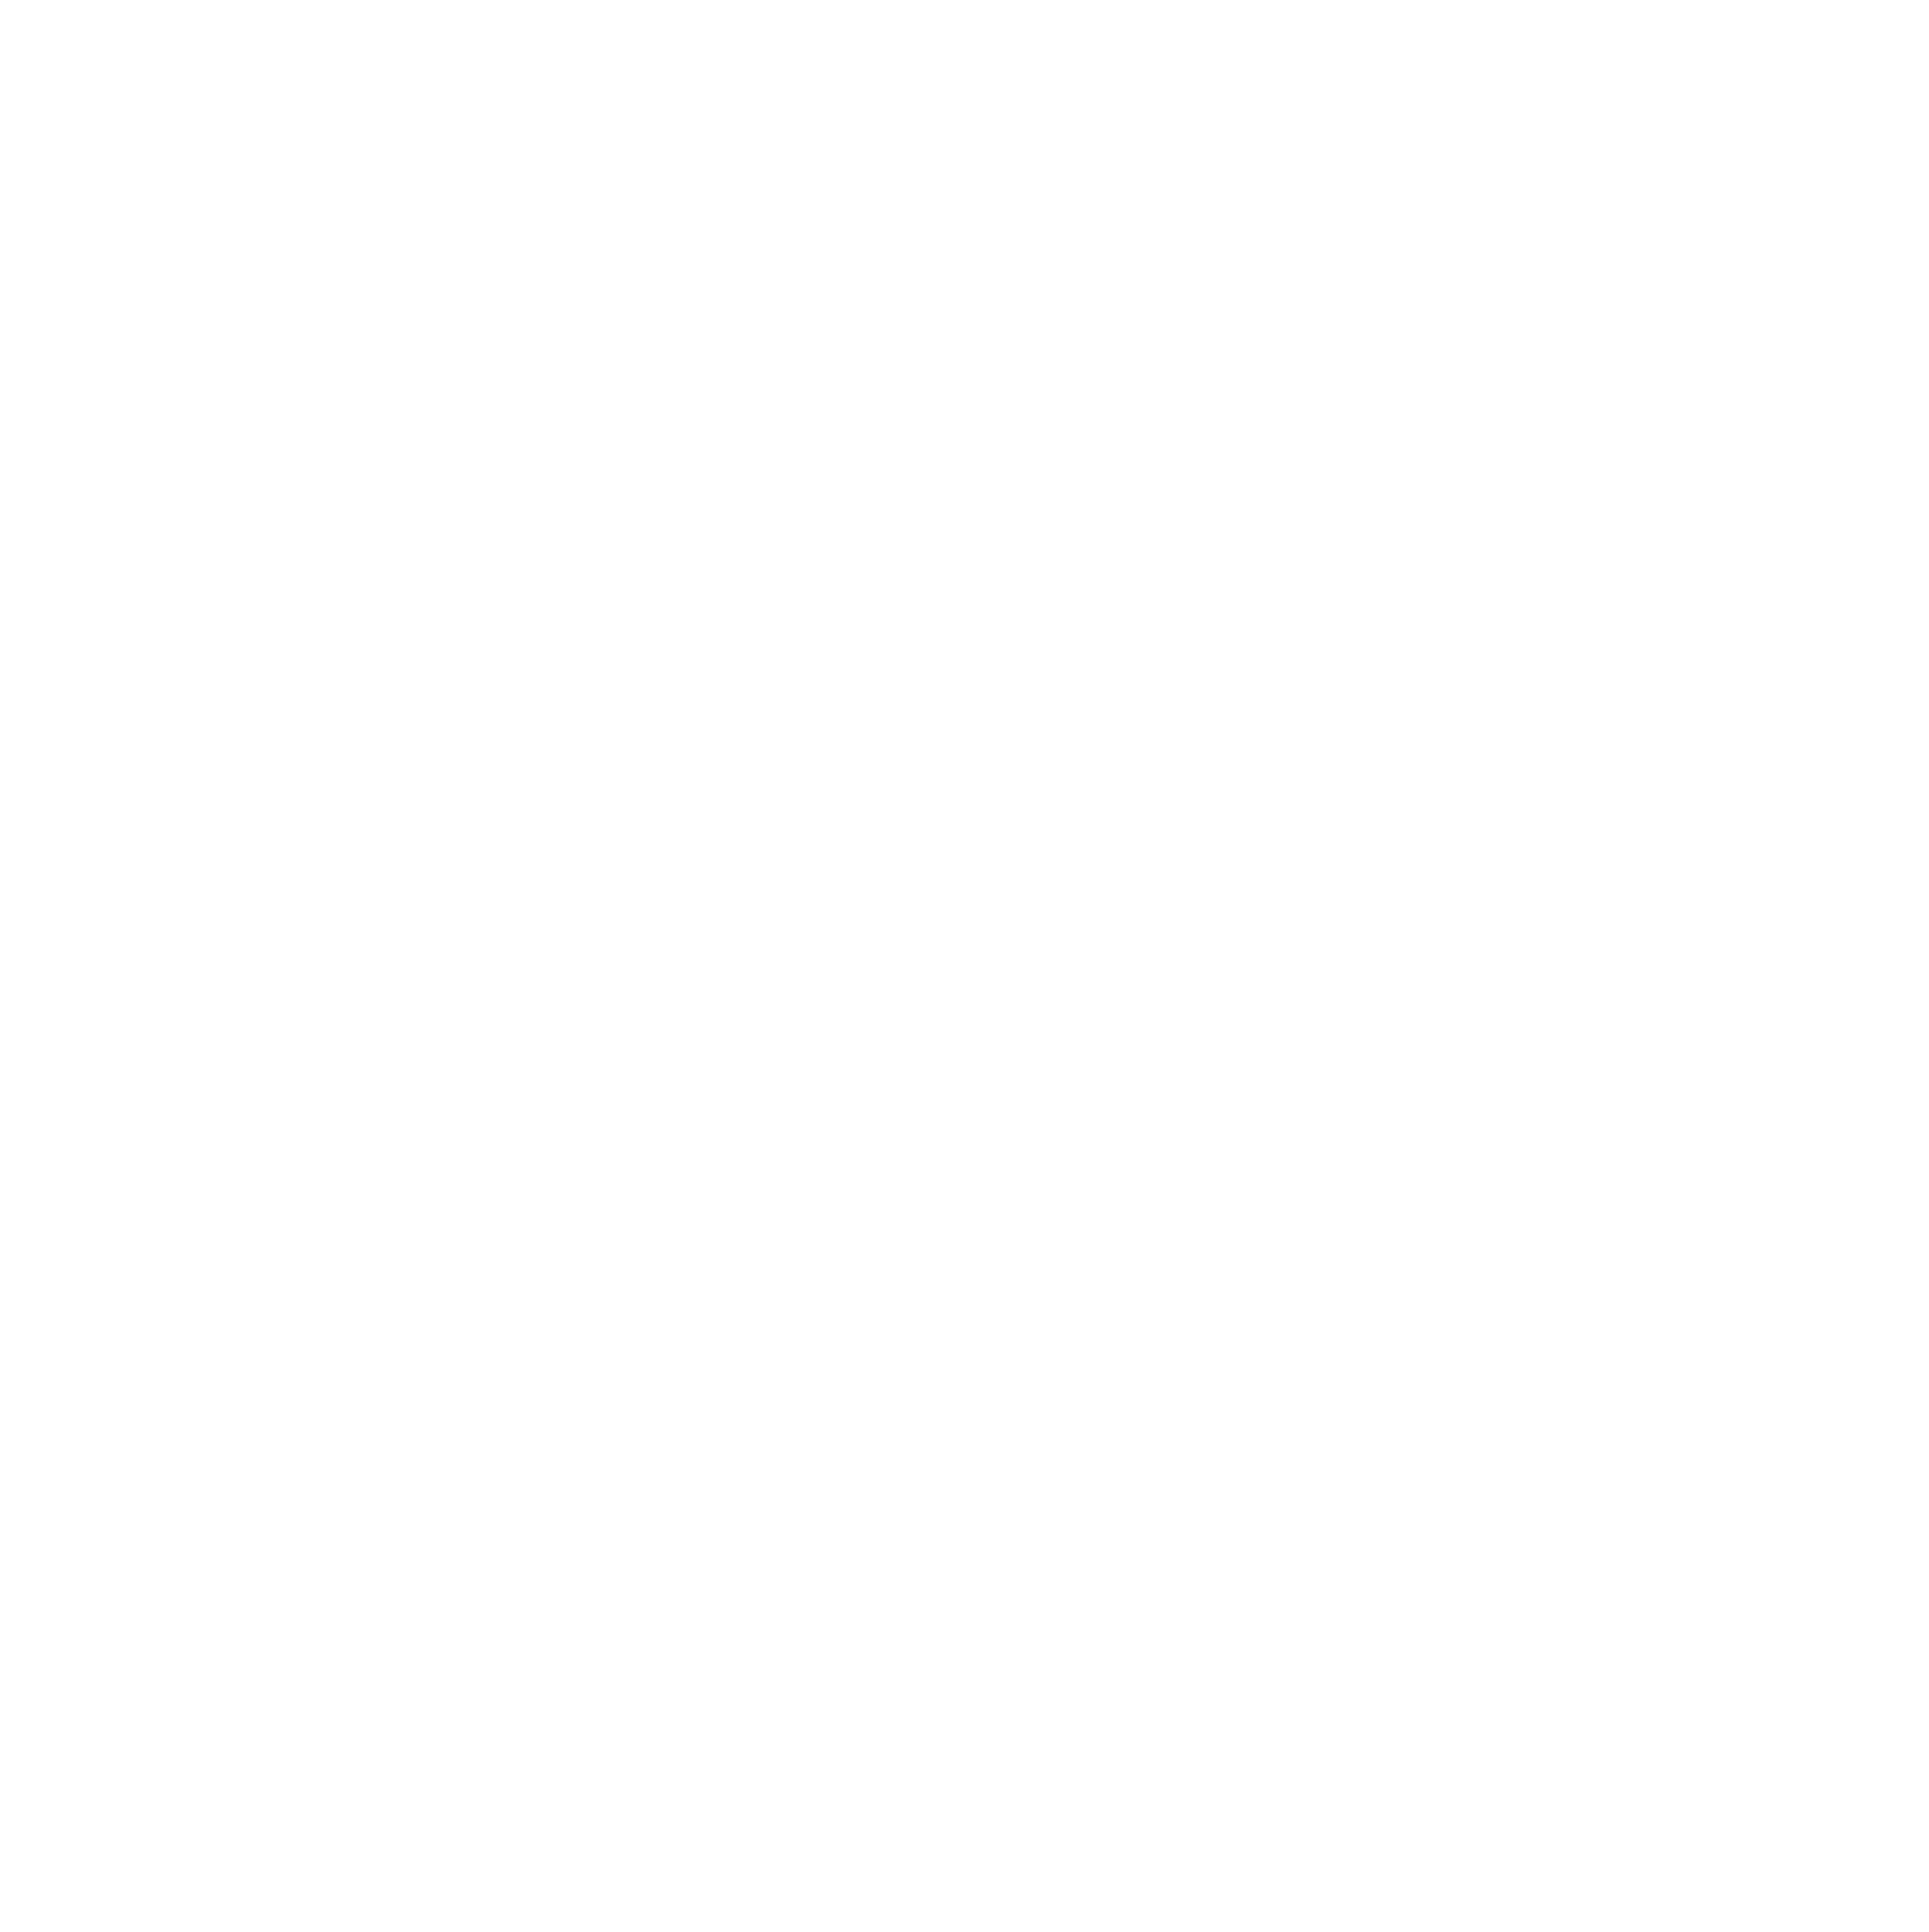 Ca Shott Logo